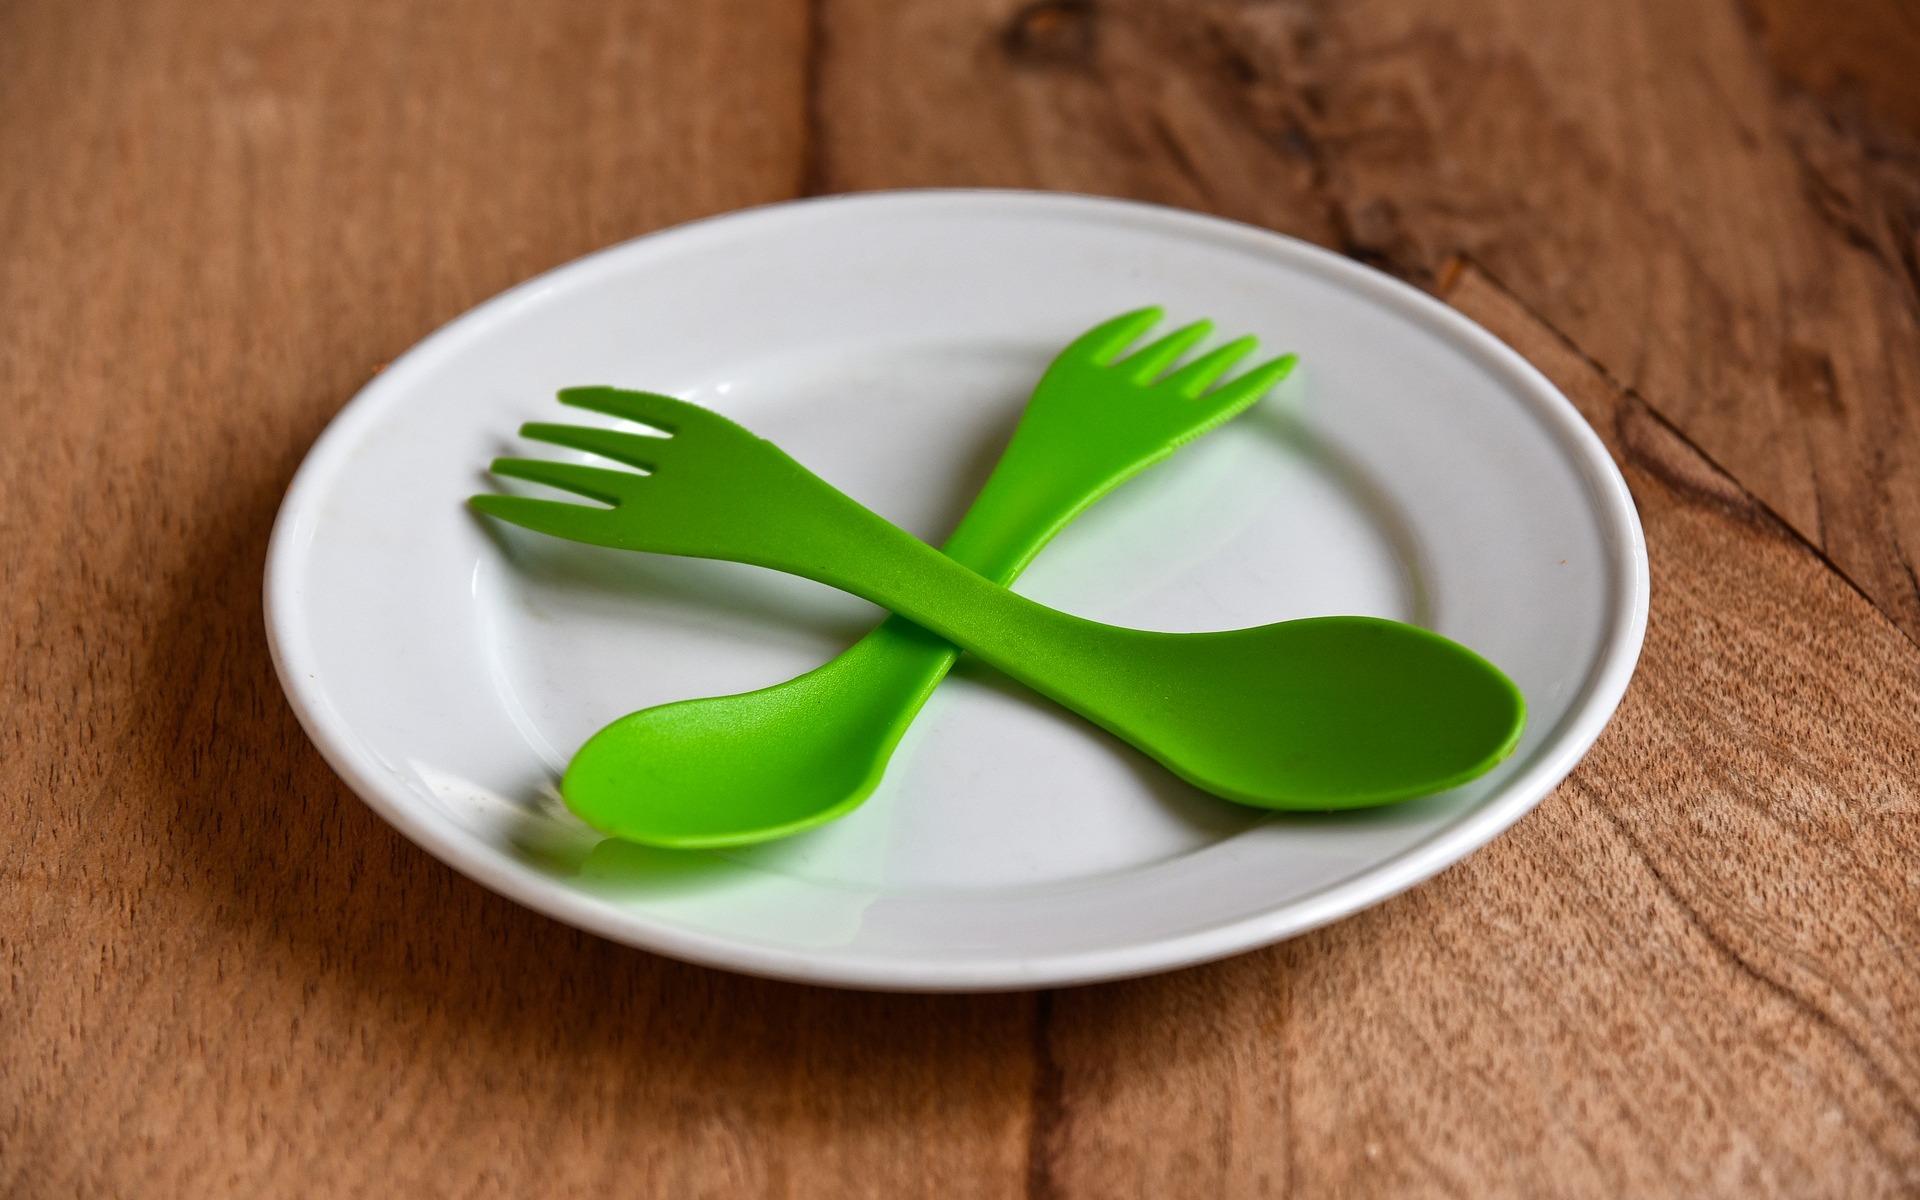 Alimentándonos de microplásticos